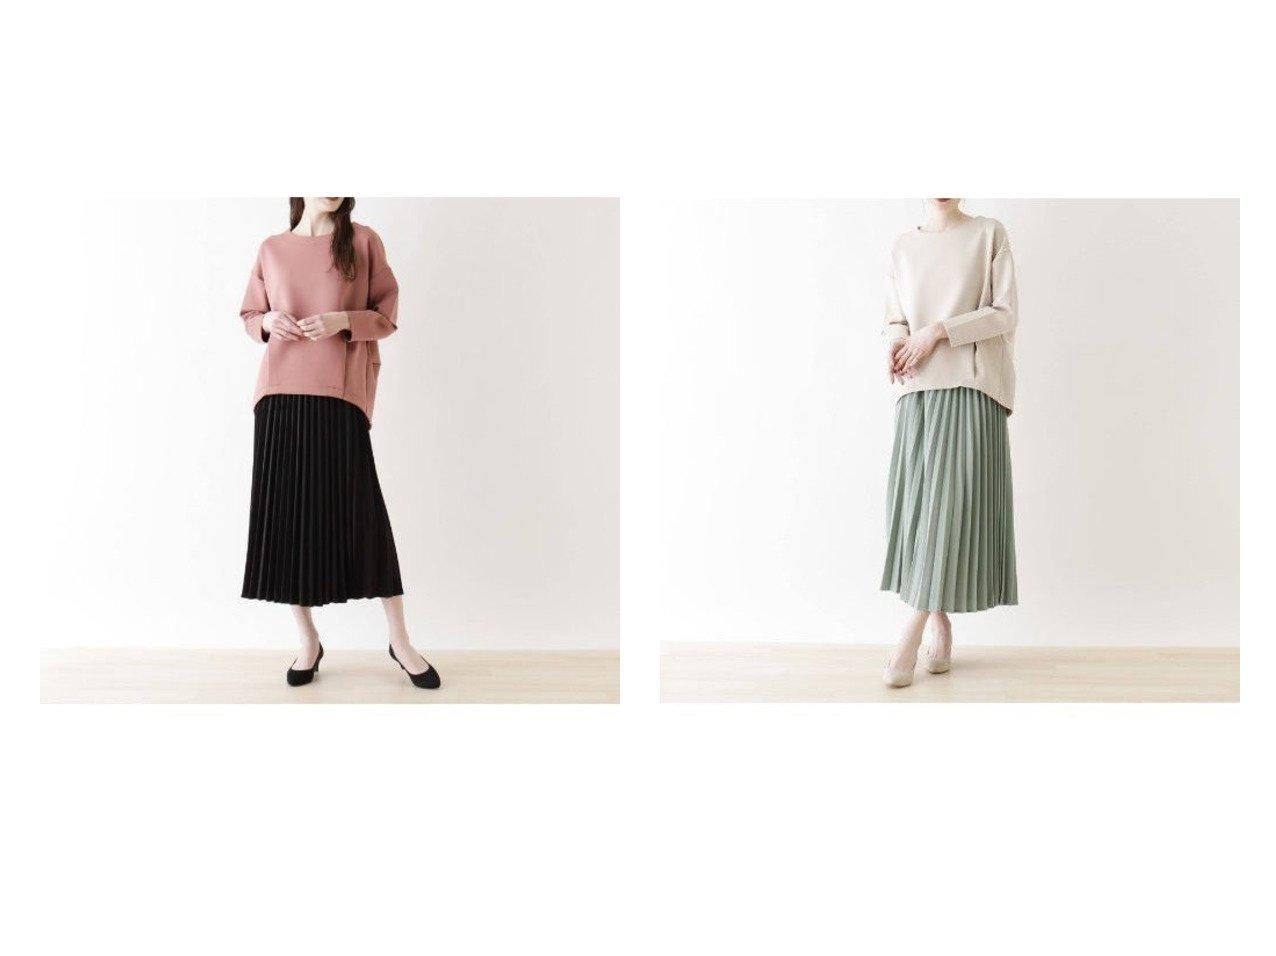 【SHOO LA RUE / DRESKIP/シューラルー ドレスキップ】の【2点セット】プルオーバージャージ+プリーツスカート スカートのおすすめ!人気、トレンド・レディースファッションの通販 おすすめで人気の流行・トレンド、ファッションの通販商品 メンズファッション・キッズファッション・インテリア・家具・レディースファッション・服の通販 founy(ファニー) https://founy.com/ ファッション Fashion レディースファッション WOMEN スカート Skirt プリーツスカート Pleated Skirts ジャージ フェミニン プリーツ ポケット |ID:crp329100000014453